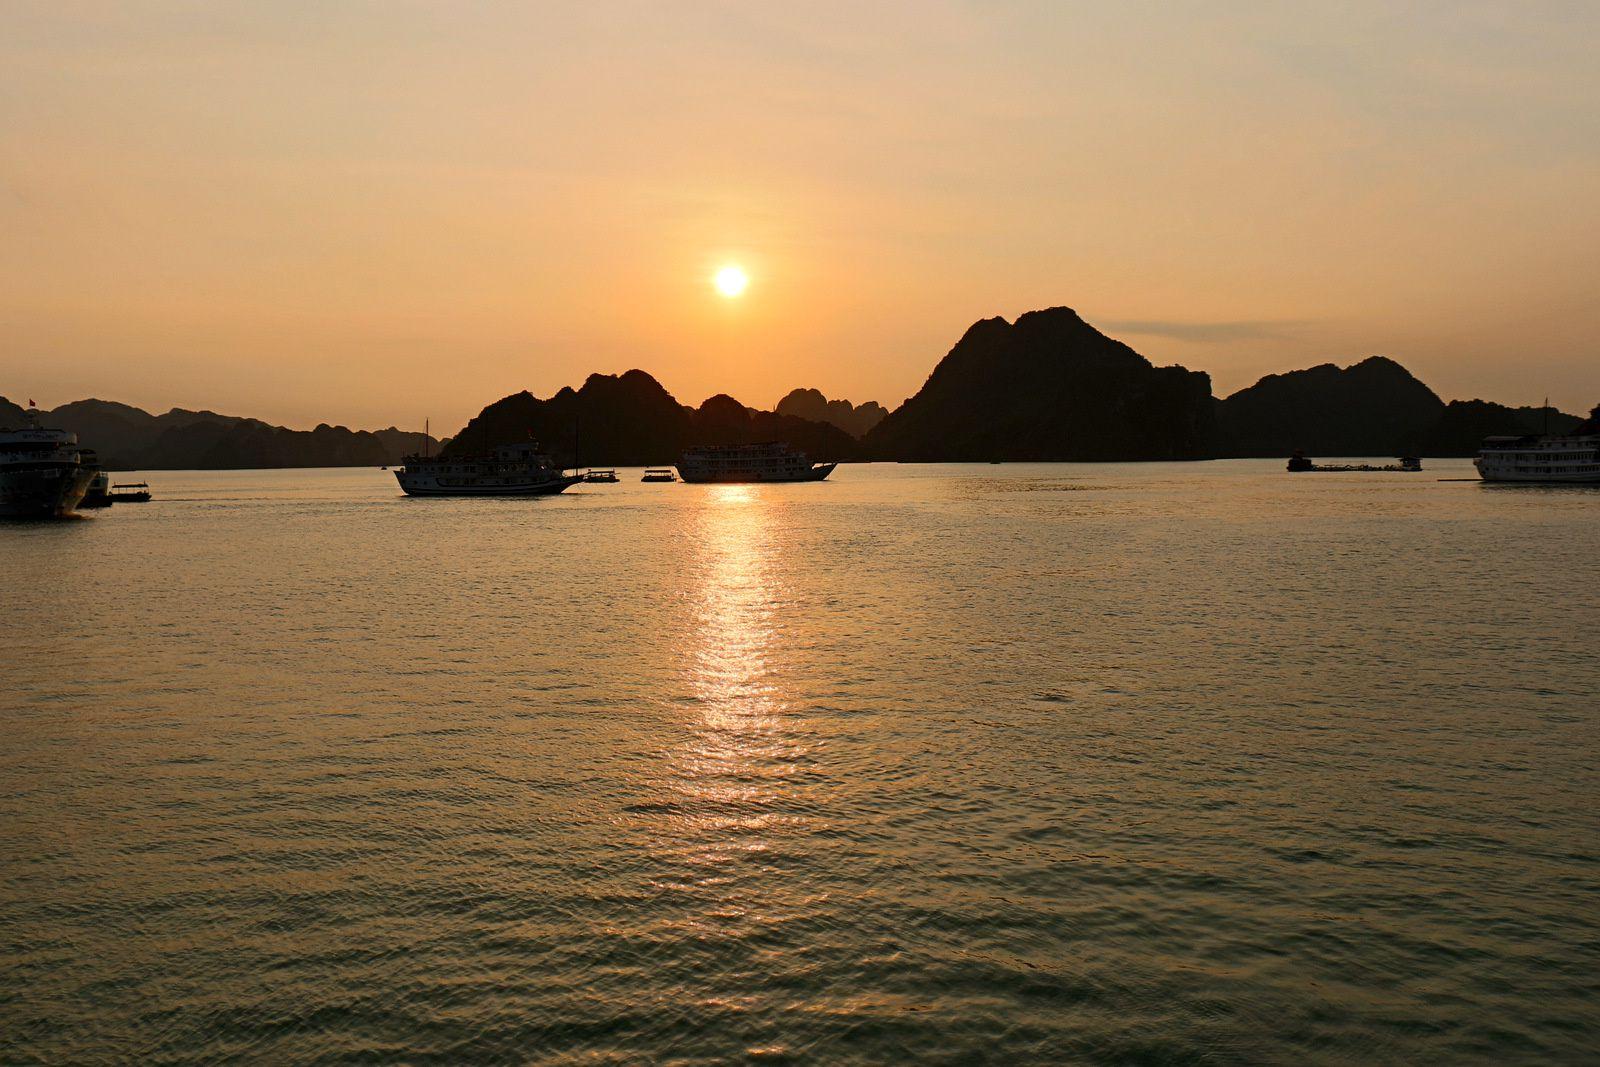 Coucher de soleil sur la baie d'Halong au Vietnam